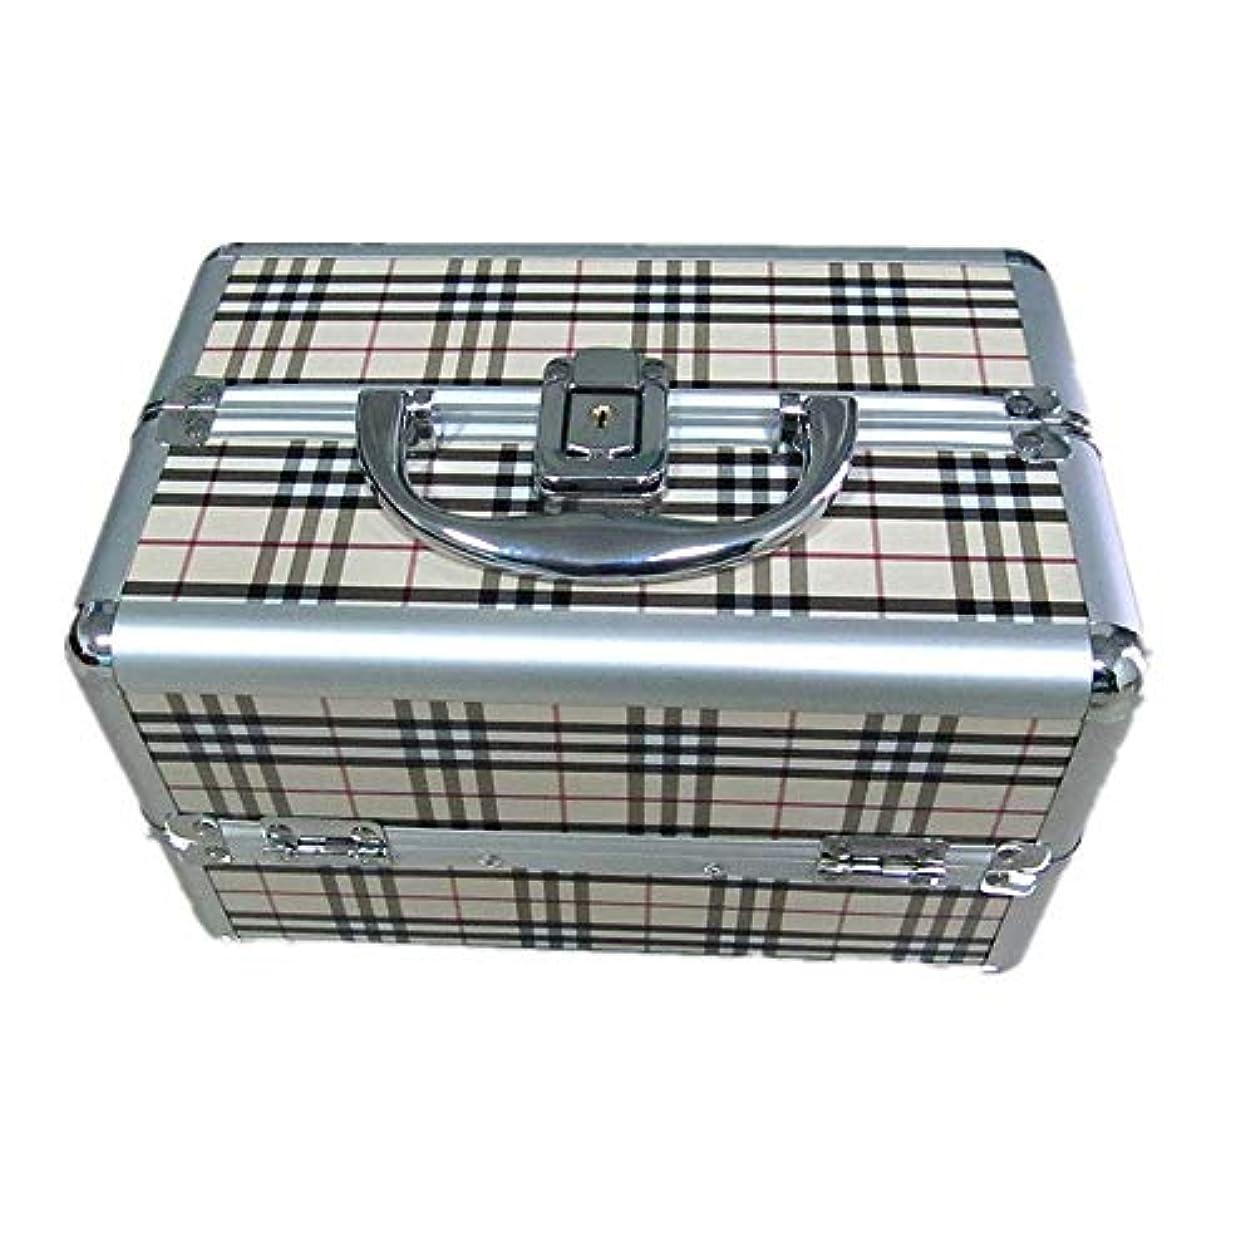 組み合わせる鮫パンサー化粧オーガナイザーバッグ 大容量ポータブル化粧ケース(トラベルアクセサリー用)シャンプーボディウォッシュパーソナルアイテム収納トレイ(エクステンショントレイ付) 化粧品ケース